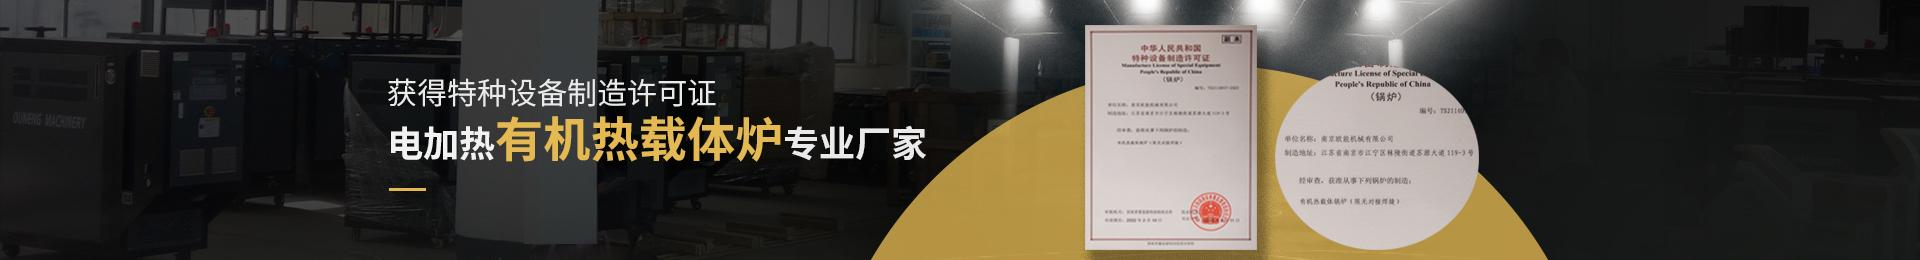 电加热炉-电加热导热油炉-电加热油炉-导热油电加热器—南京欧能机械有限公司